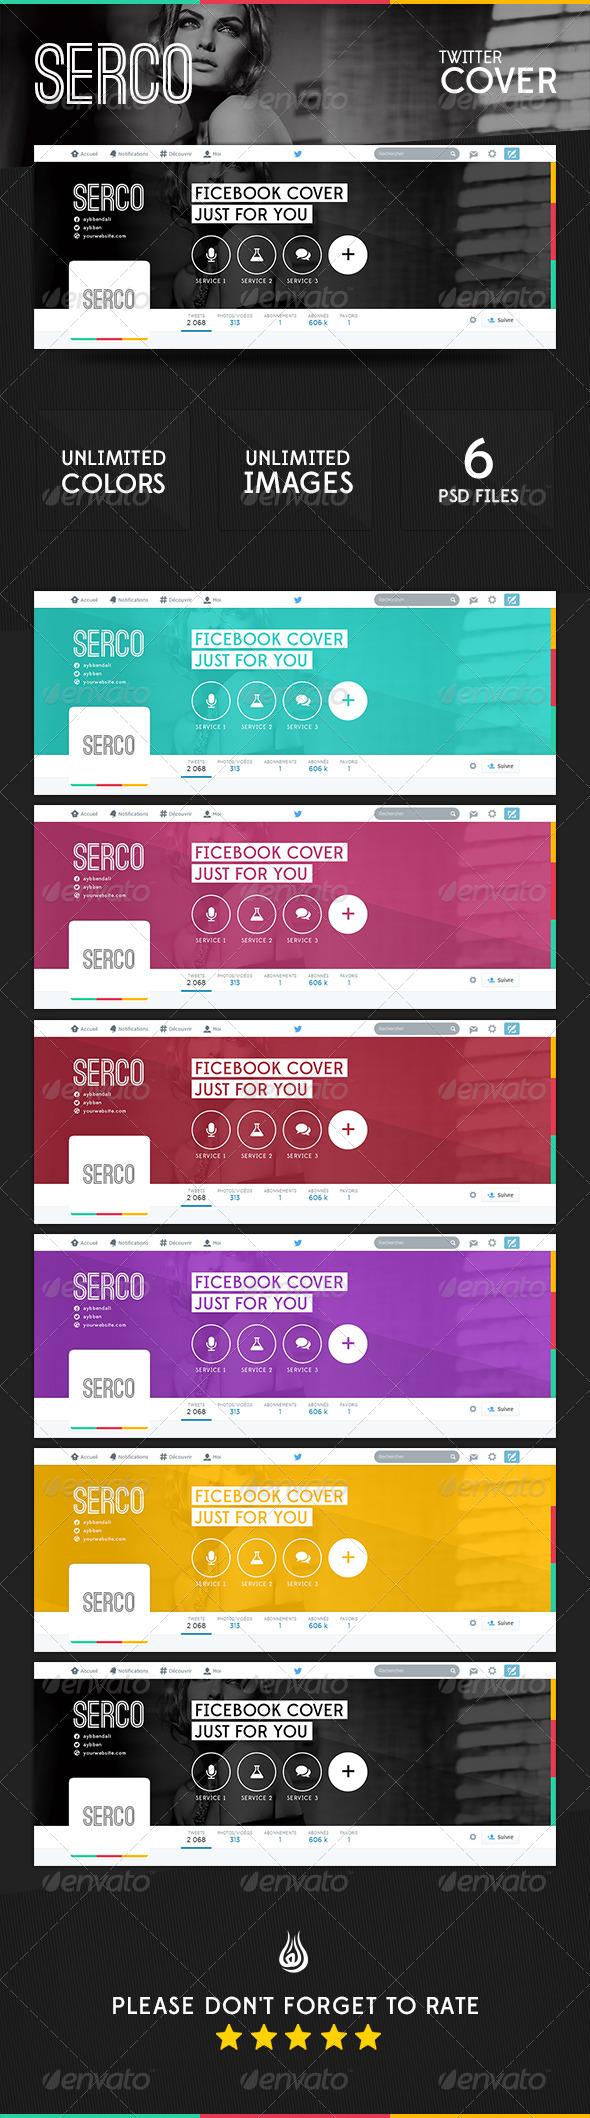 Serco Twitter Cover - Twitter Social Media